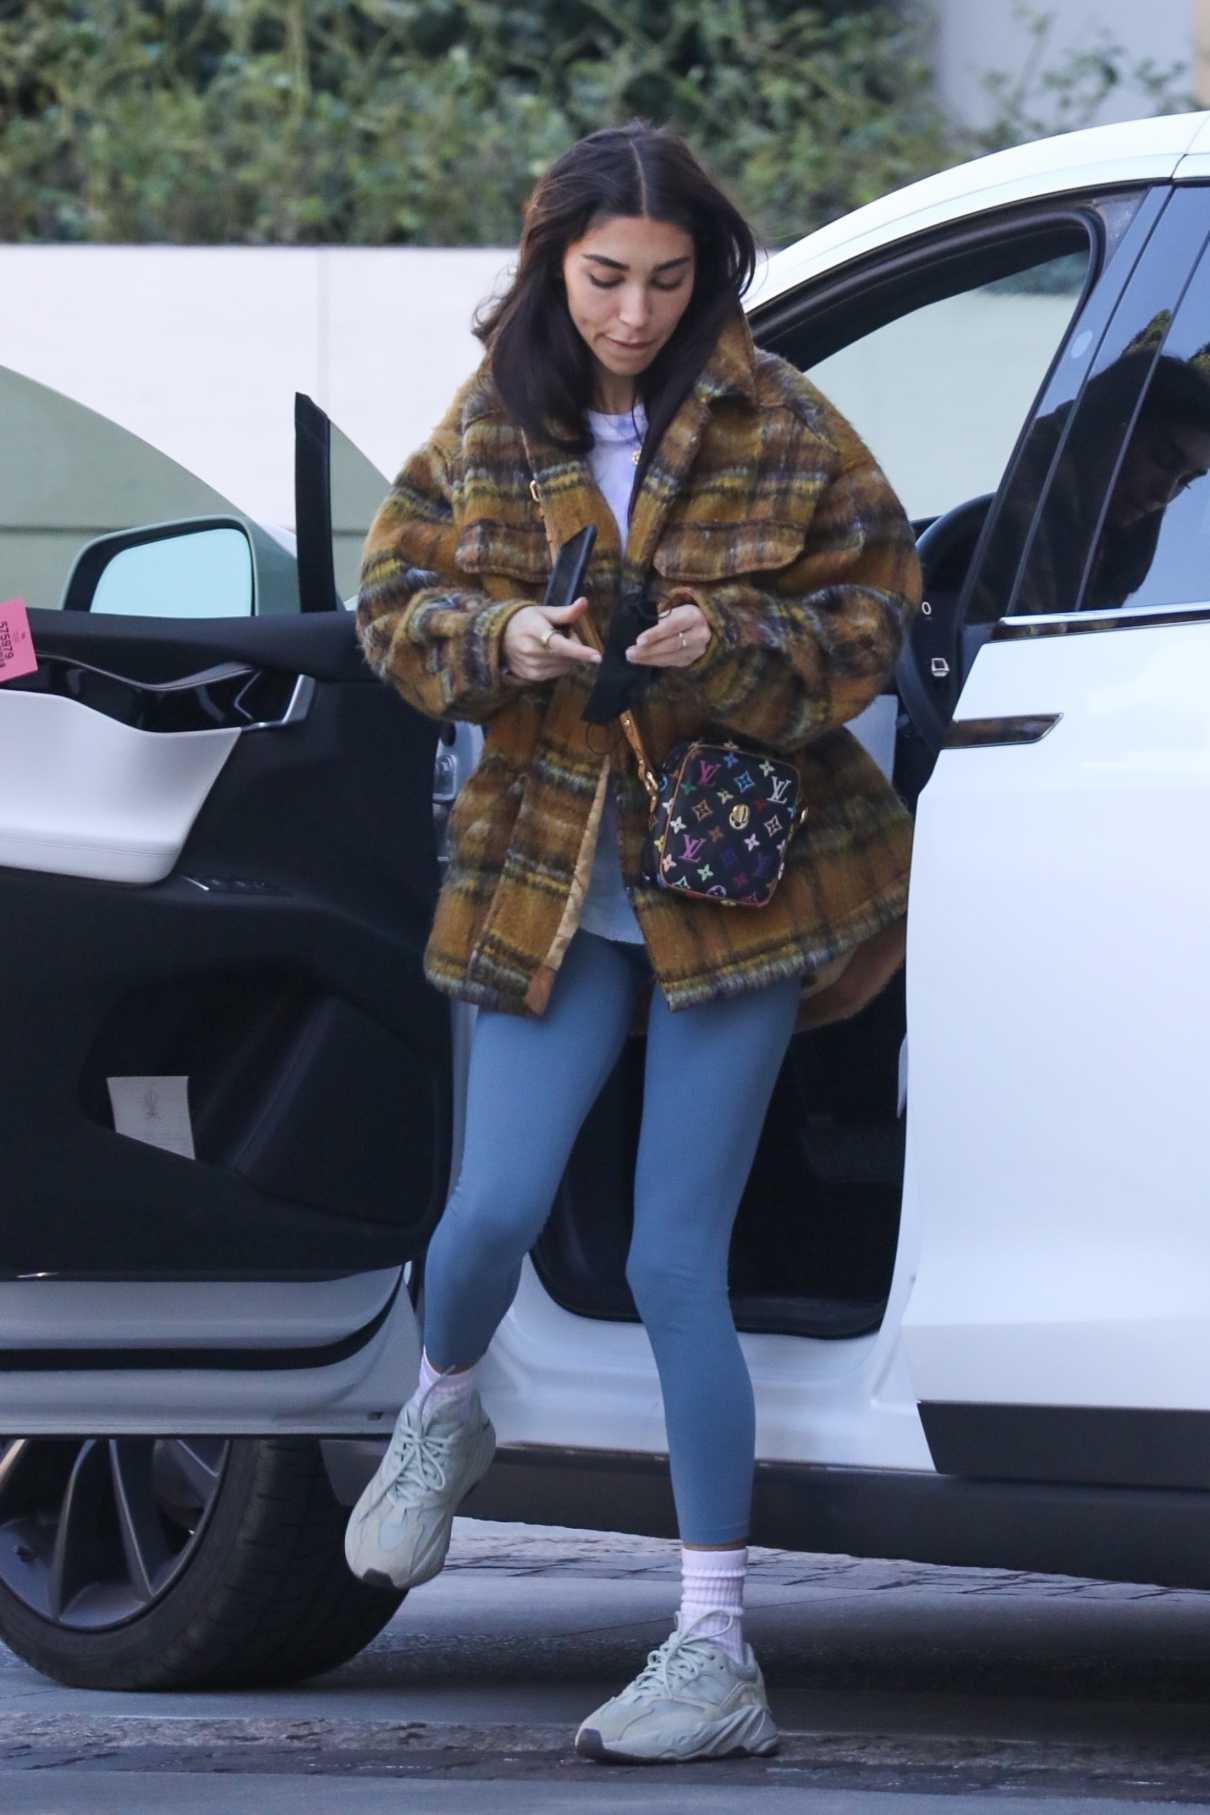 Chantel Jeffries in a Tan Plaid Jacket